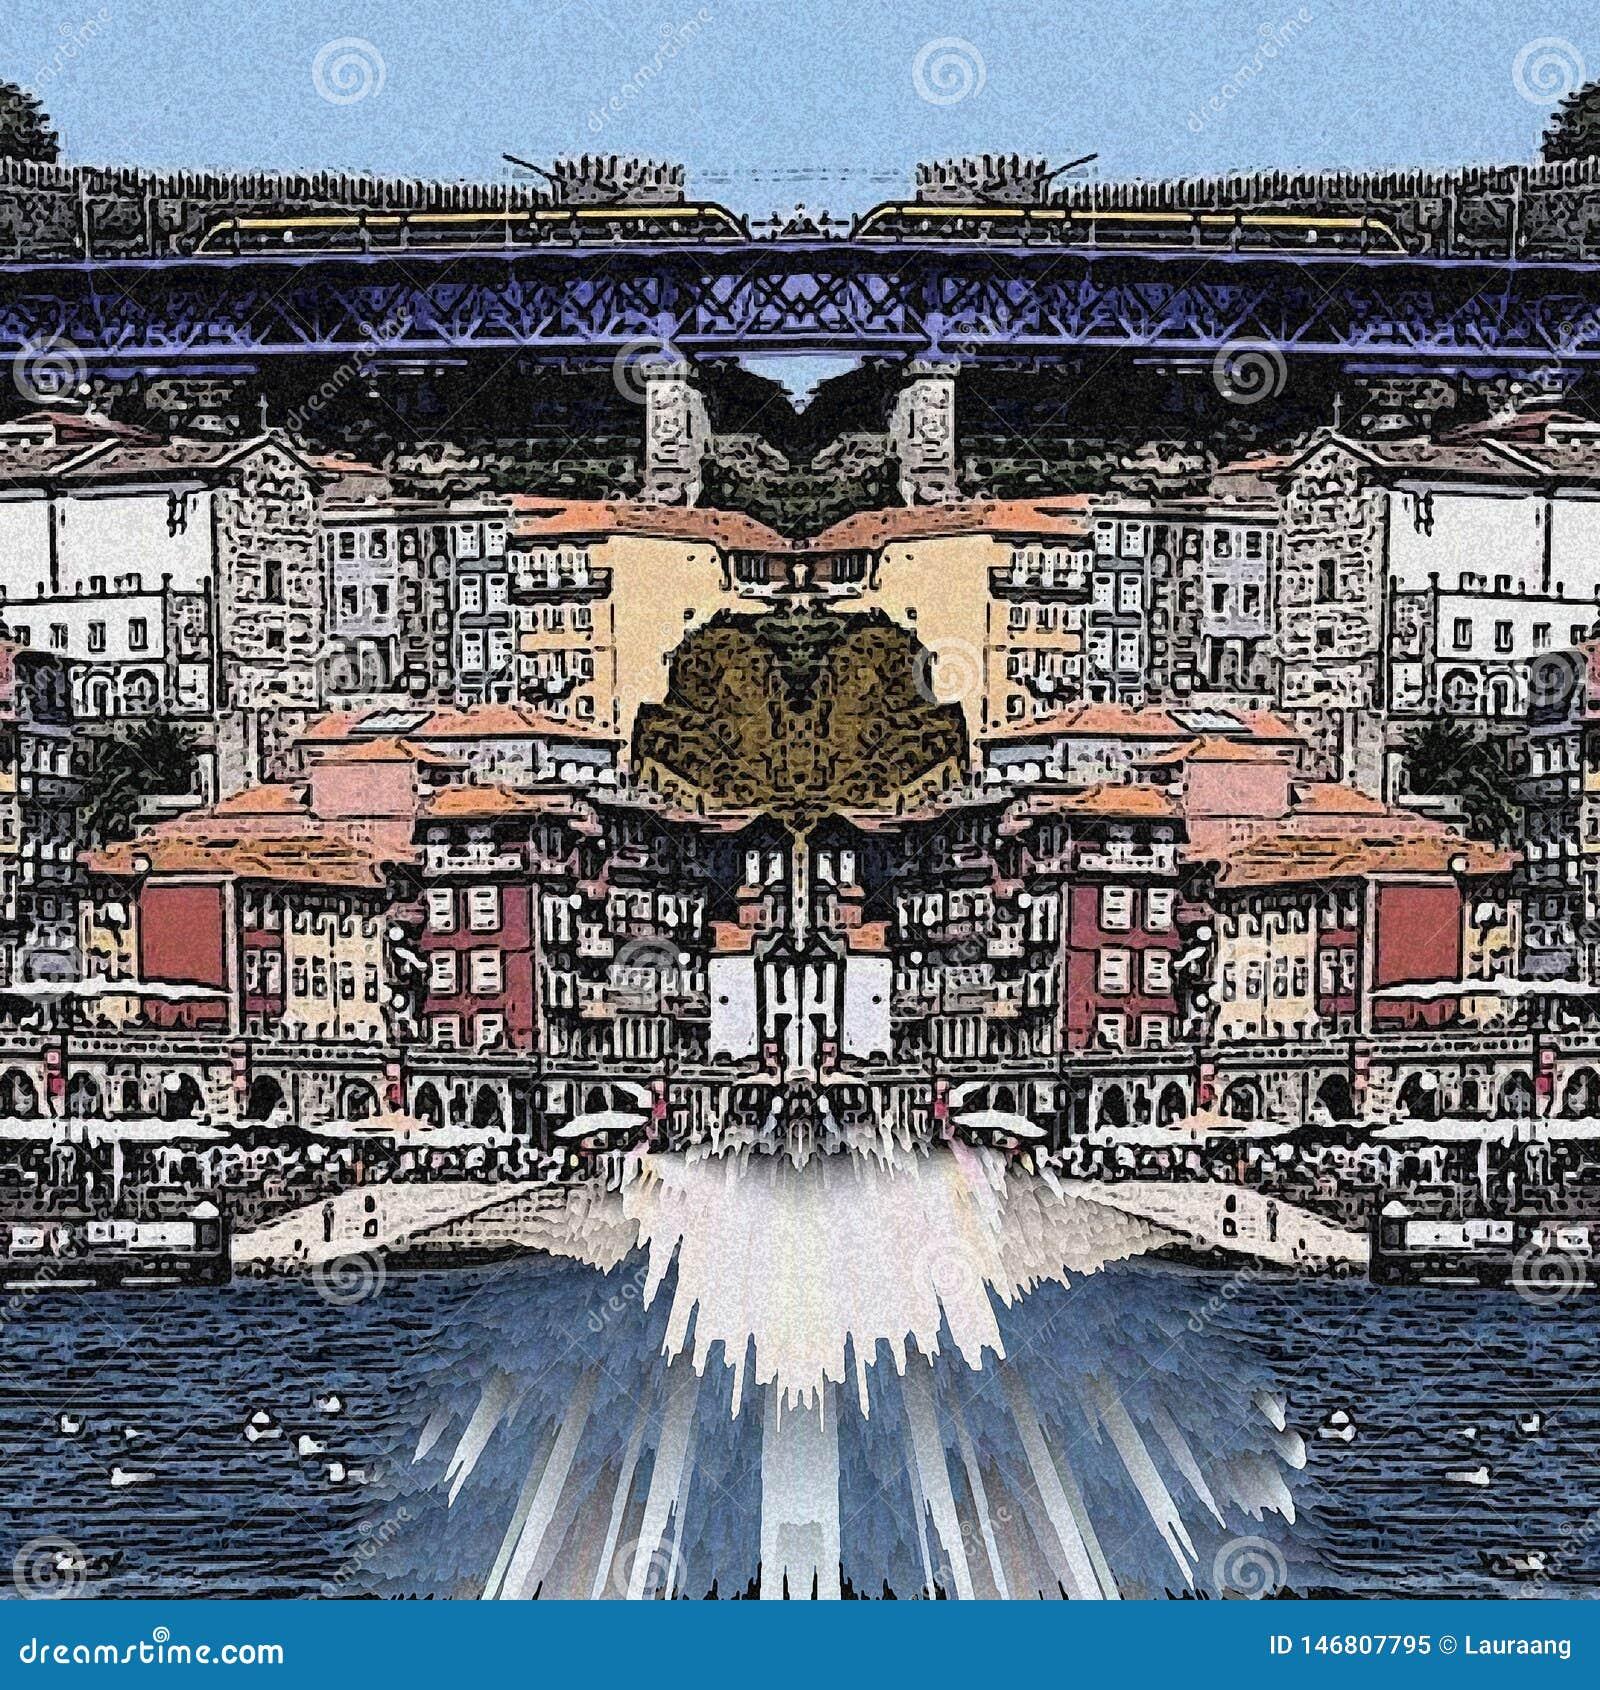 Calle y puente abstractos de Oporto con color azul